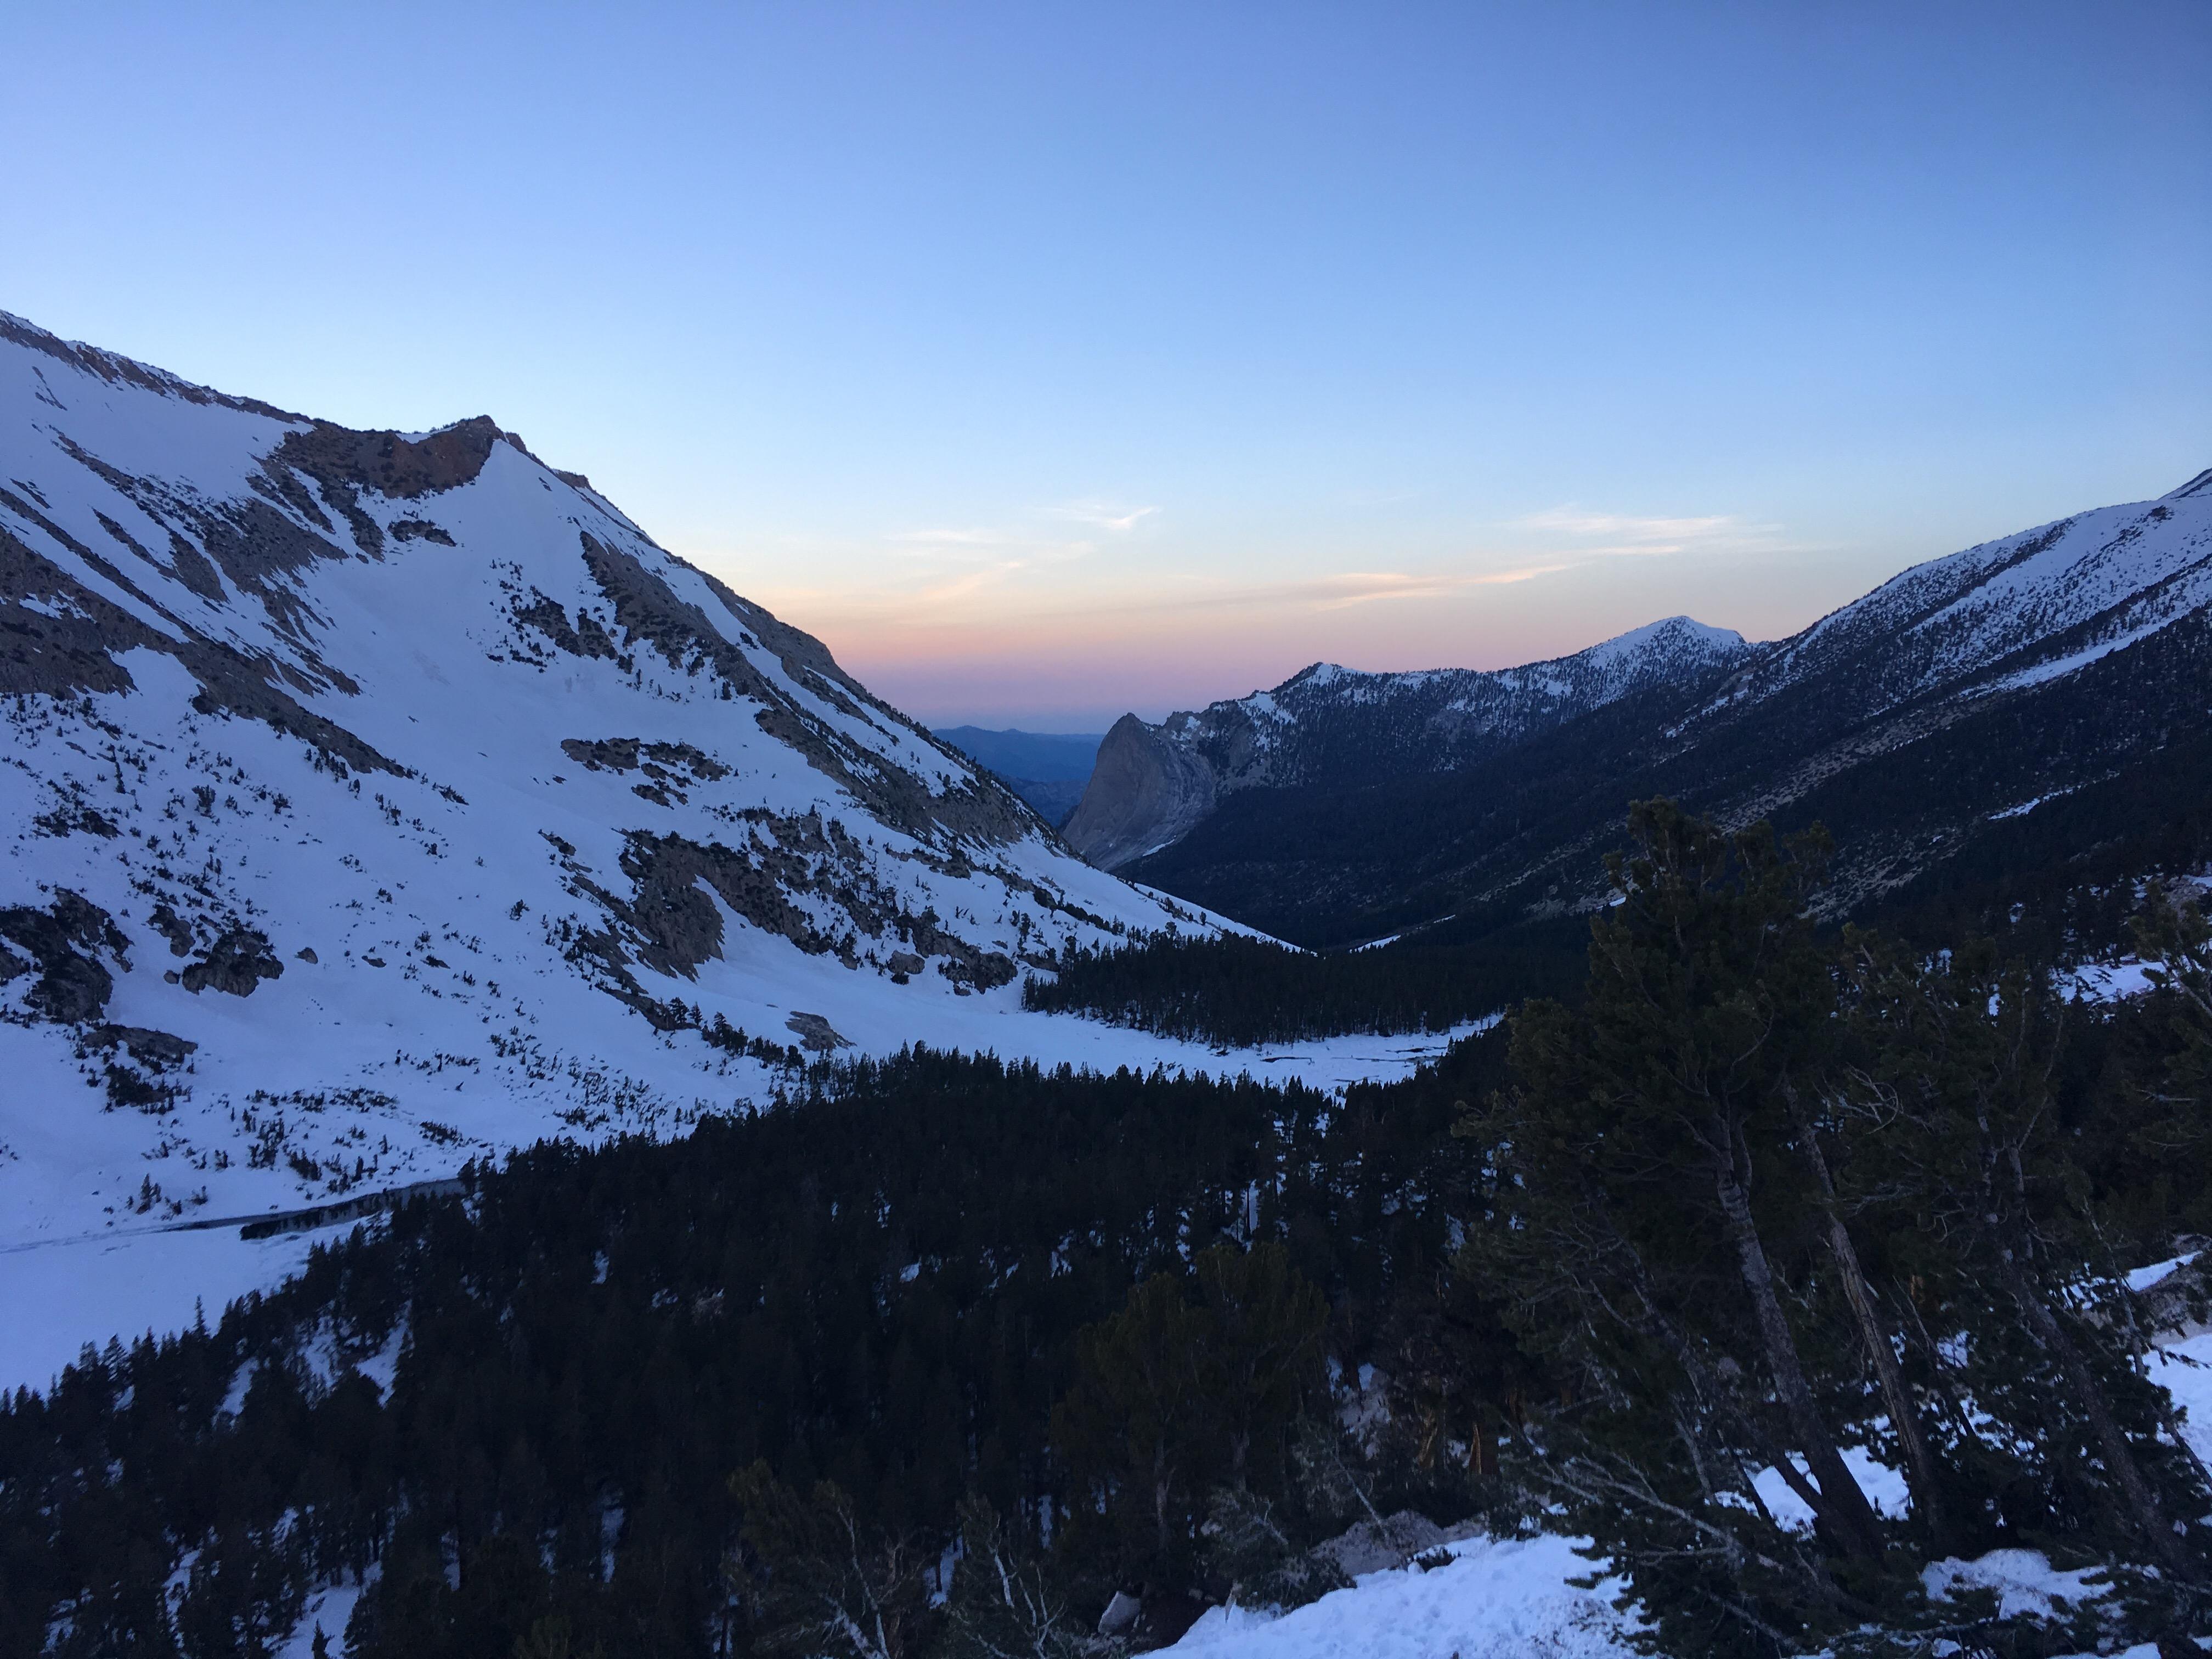 Sierra Snow Swallows